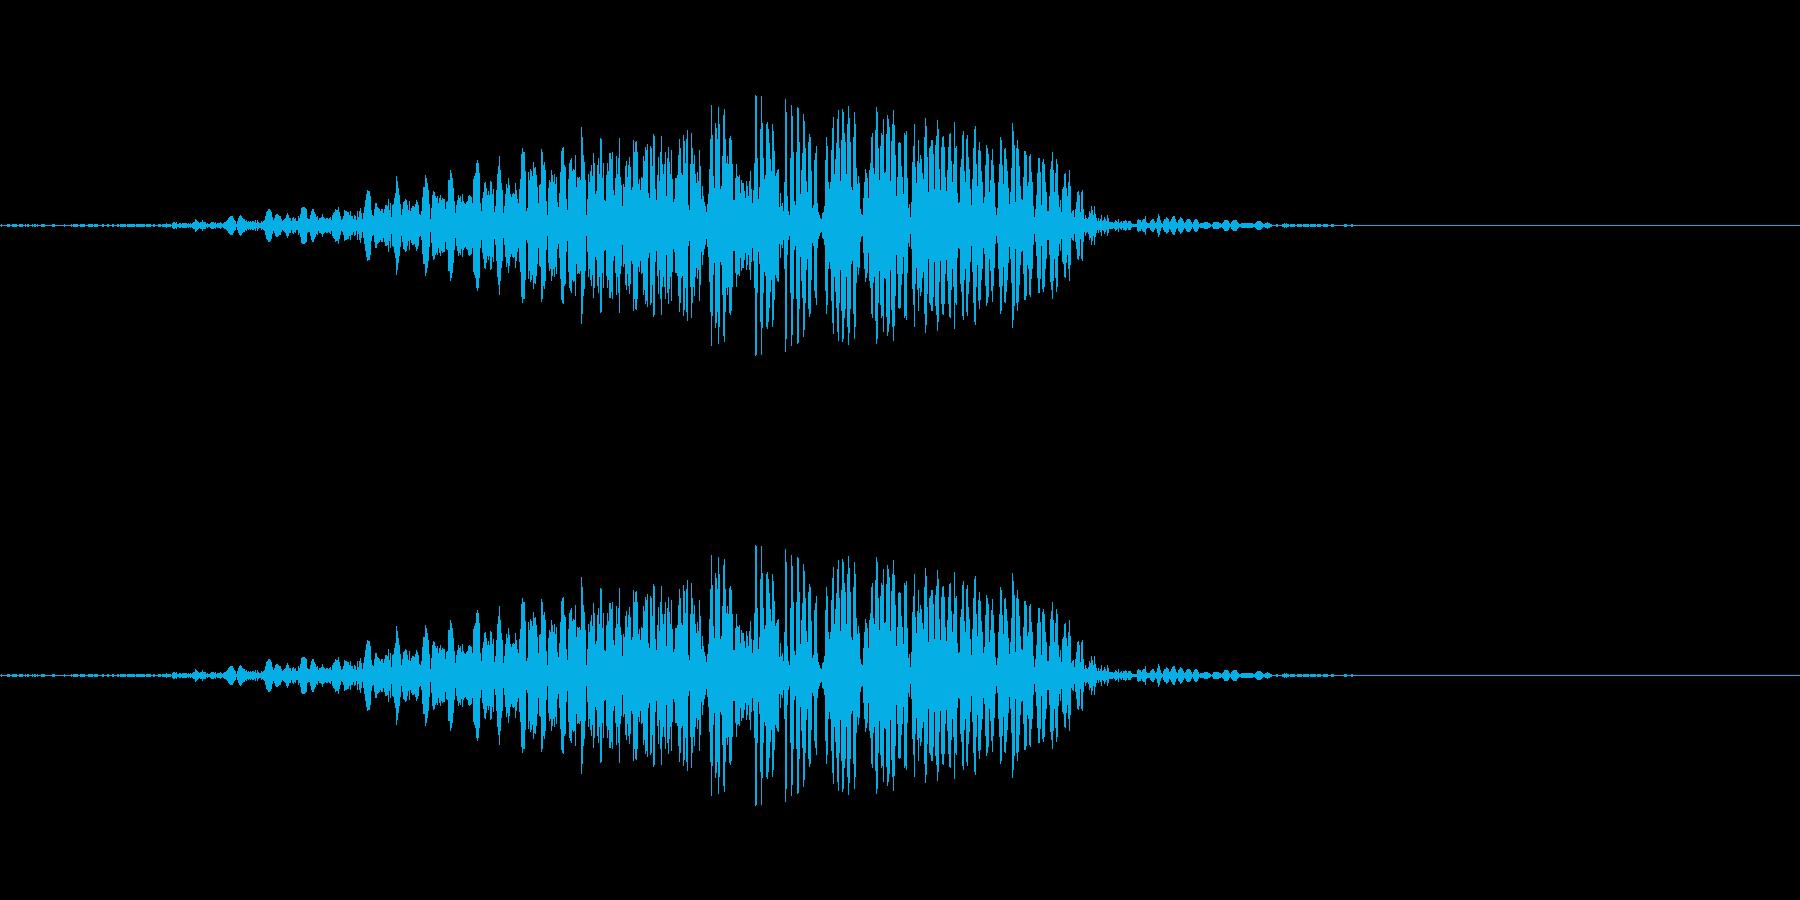 ぃよ!! - 男性和風掛け声の再生済みの波形